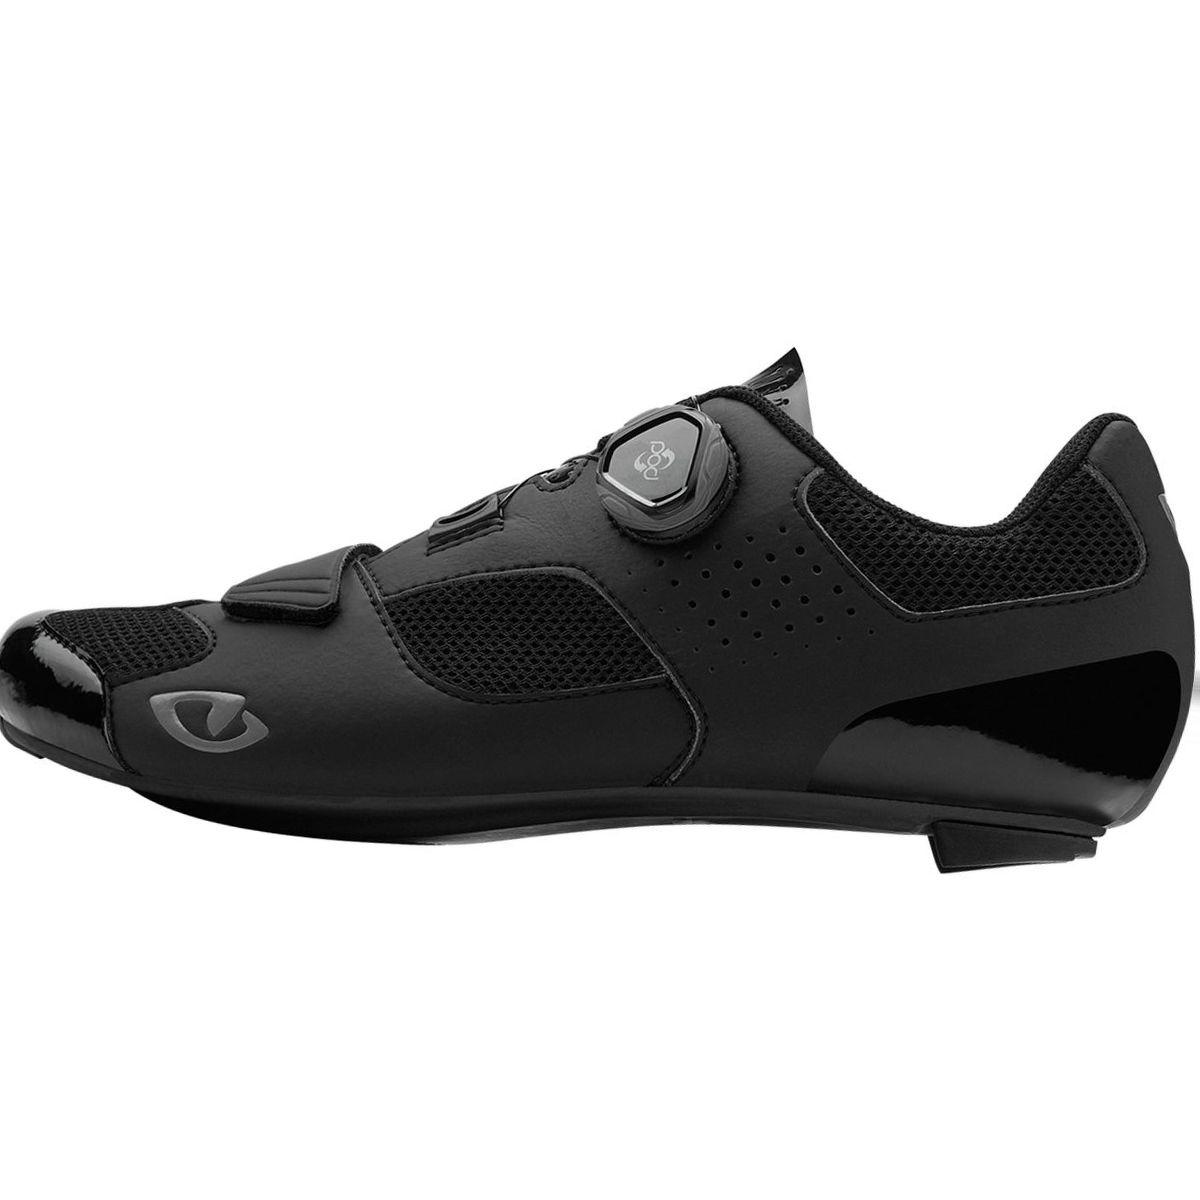 Giro Trans Boa HV+ Cycling Shoe - Men's